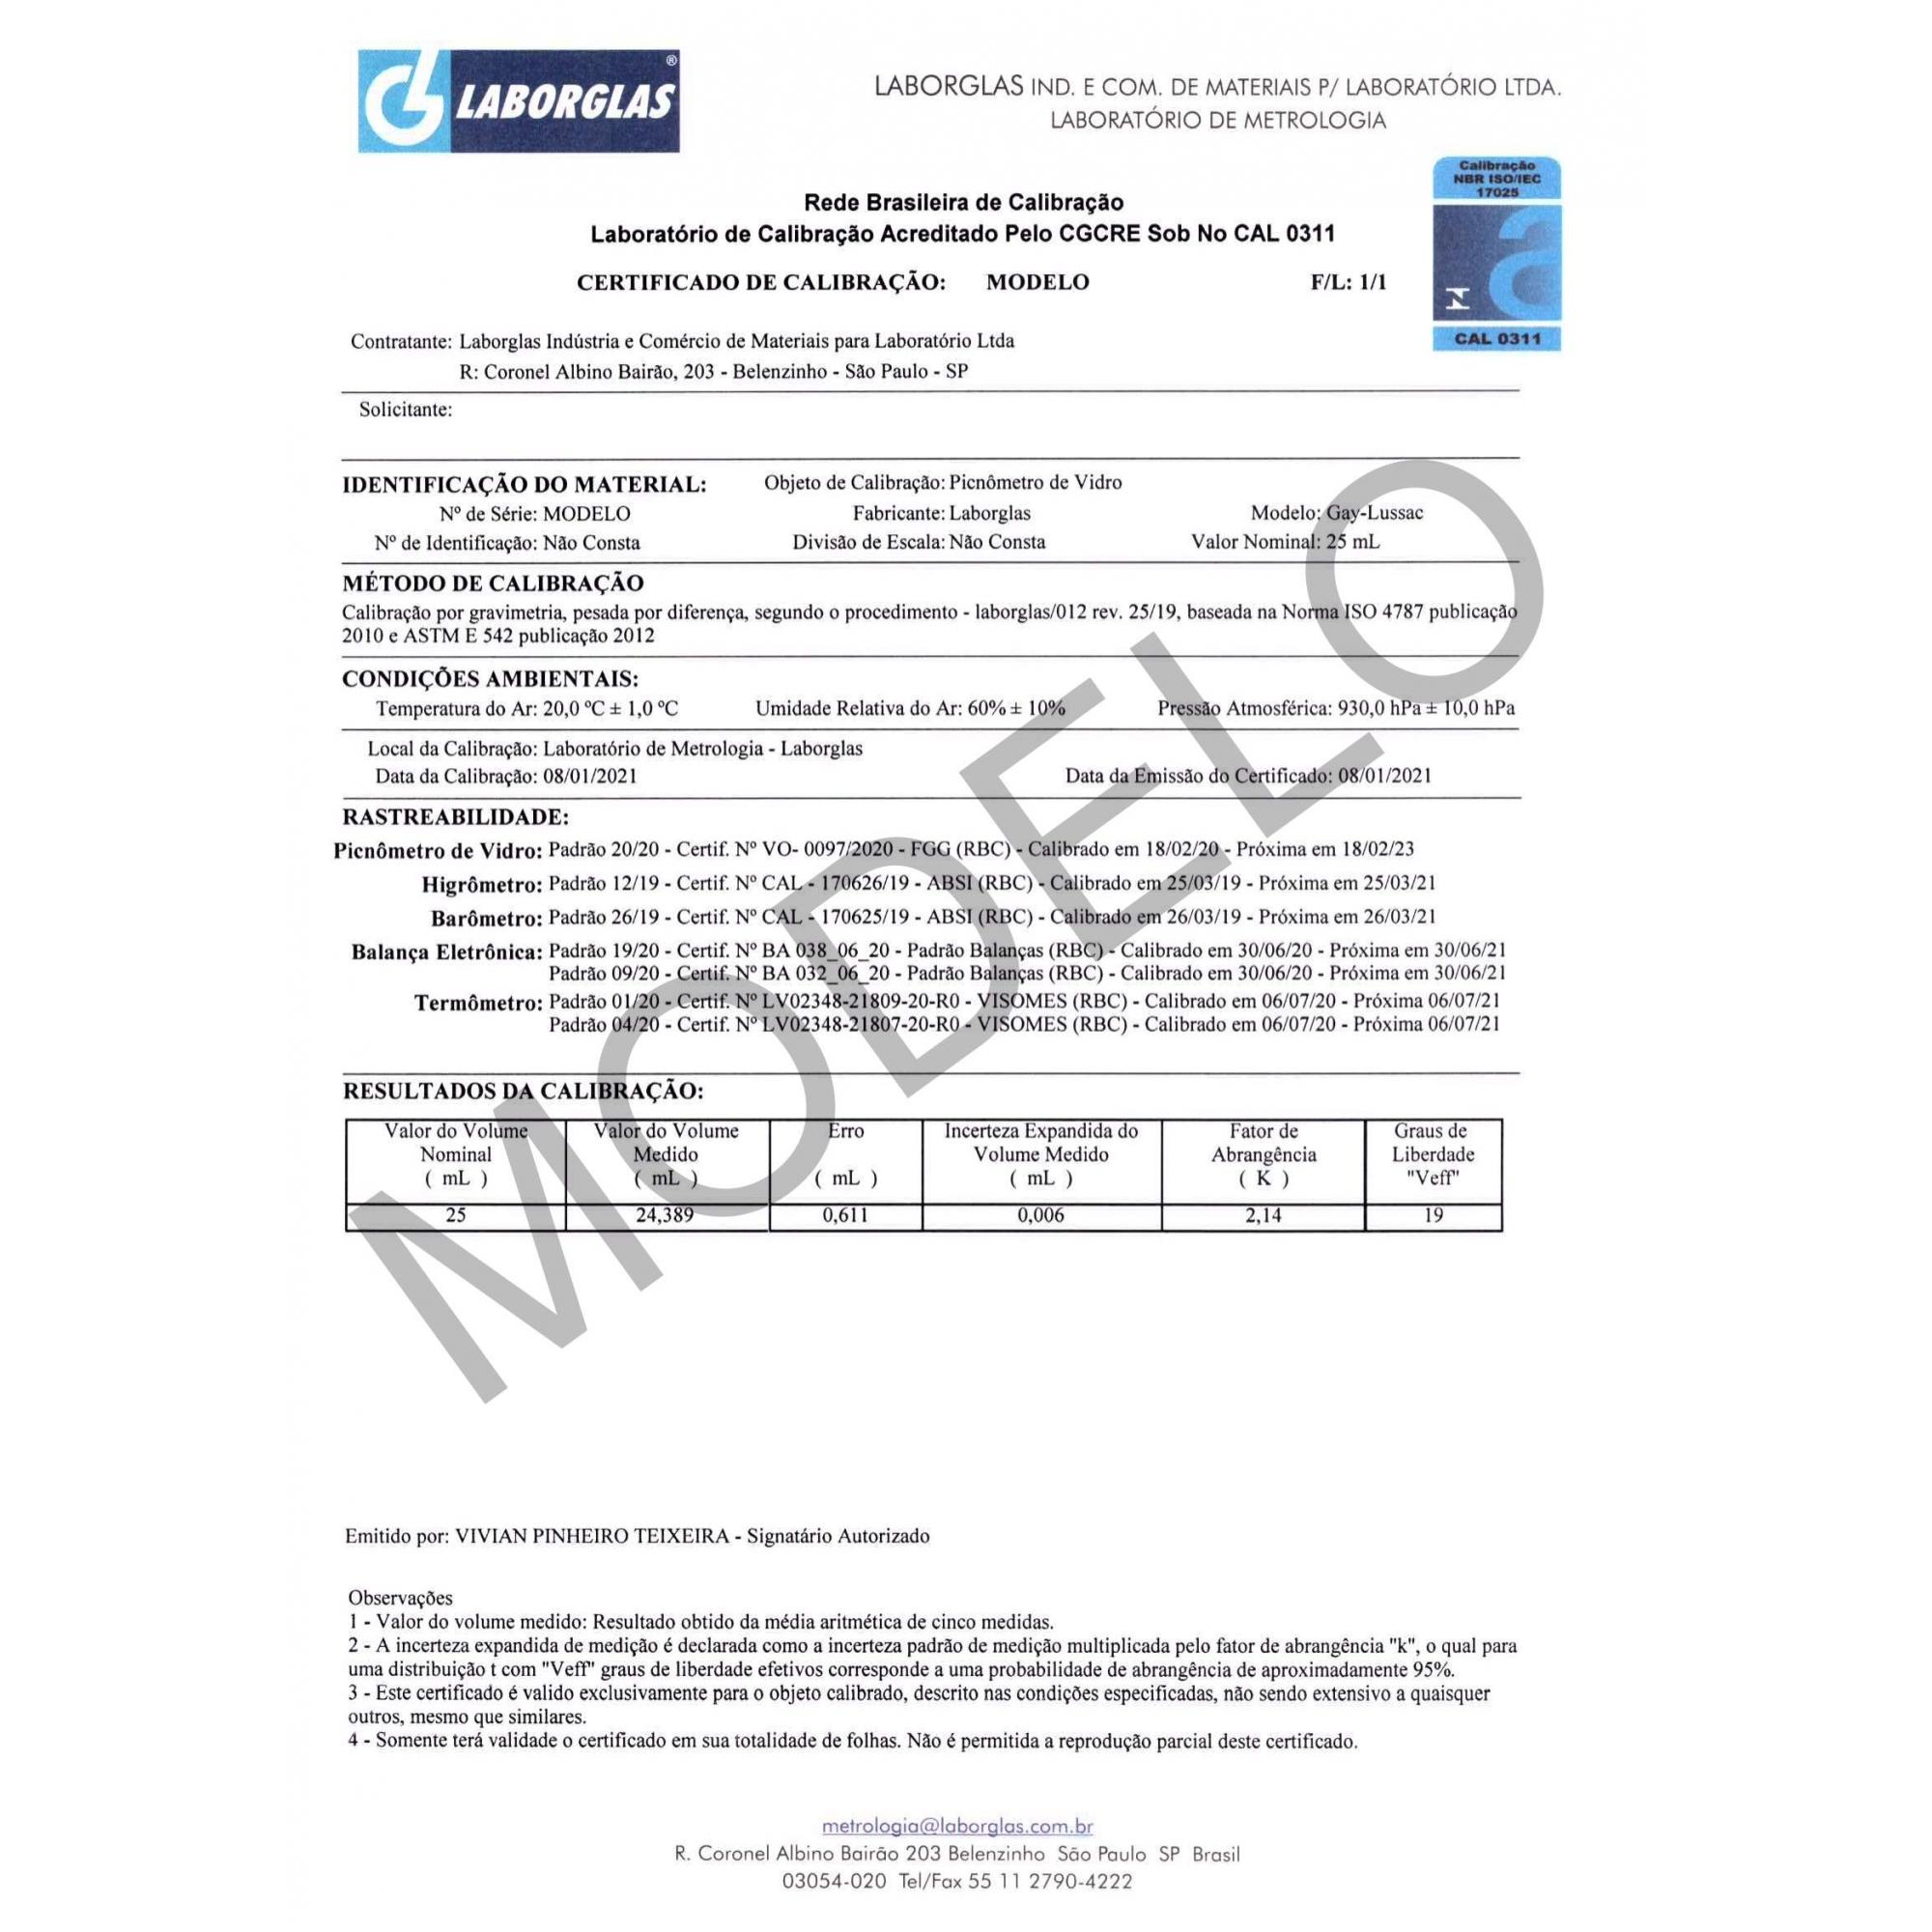 PICNÔMETRO GAY-LUSSAC COM SAÍDA LATERAL COM TERMÔMETRO 5 ML E CERTIFICADO RBC - Laborglas - Cód. 9491207-R